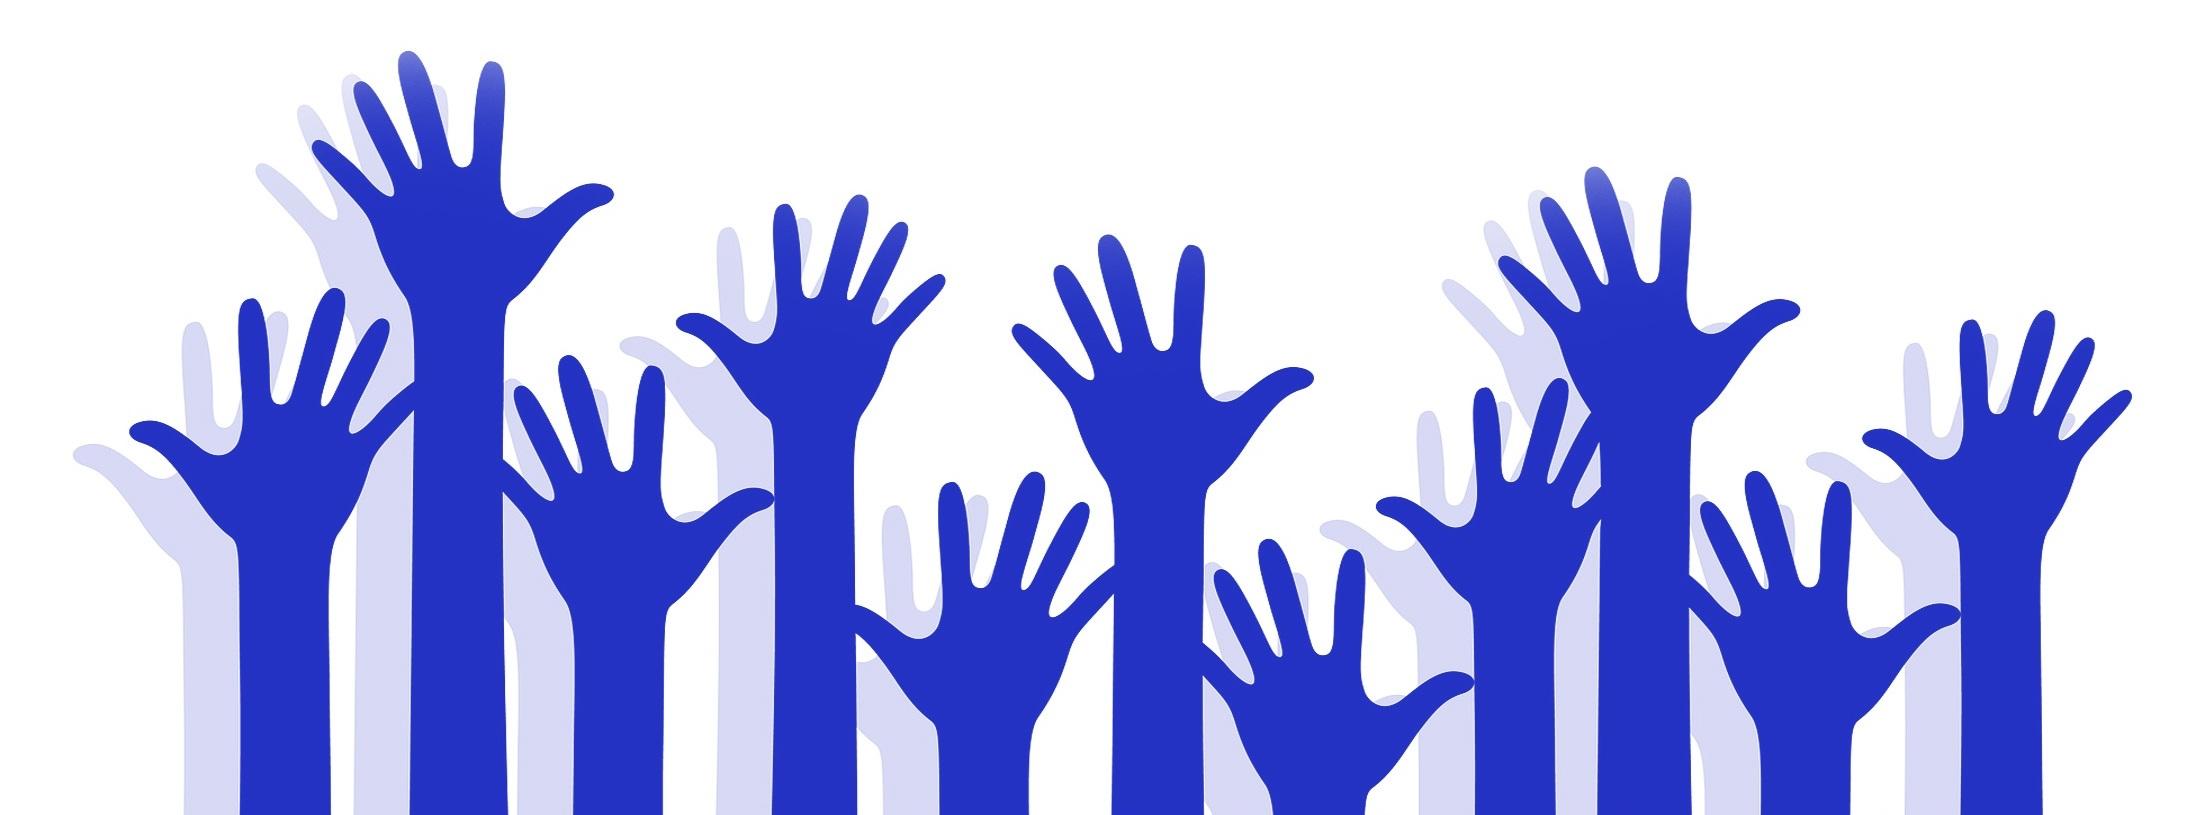 volunteer-1550327.jpg